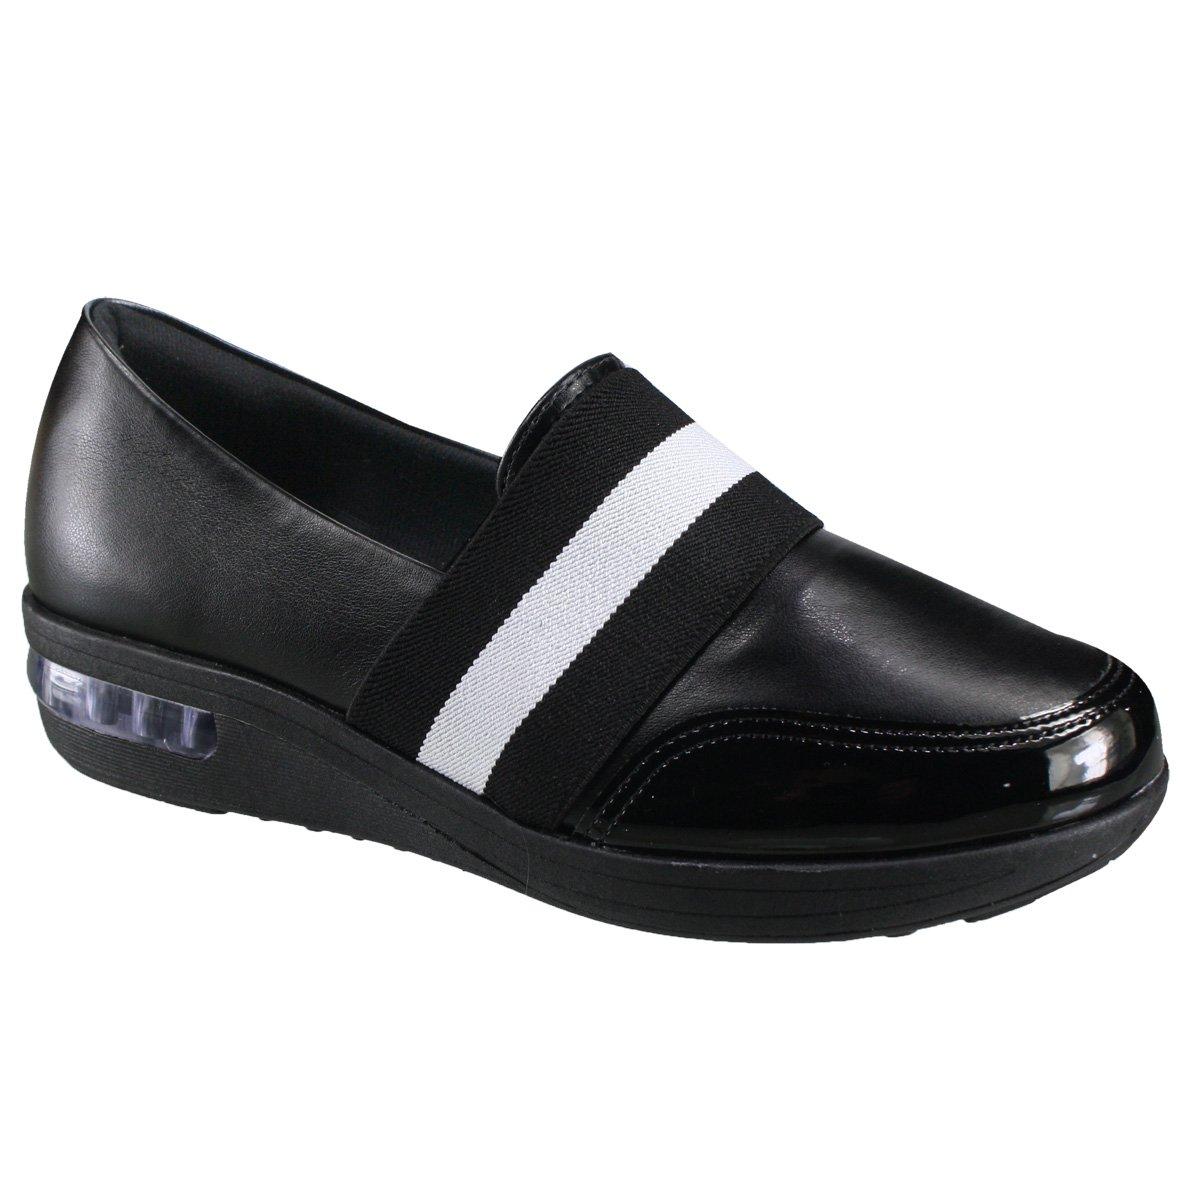 766c410bf Sapato Feminino Modare Ultra Conforto 7320.111 16711 61427 - Preto ...